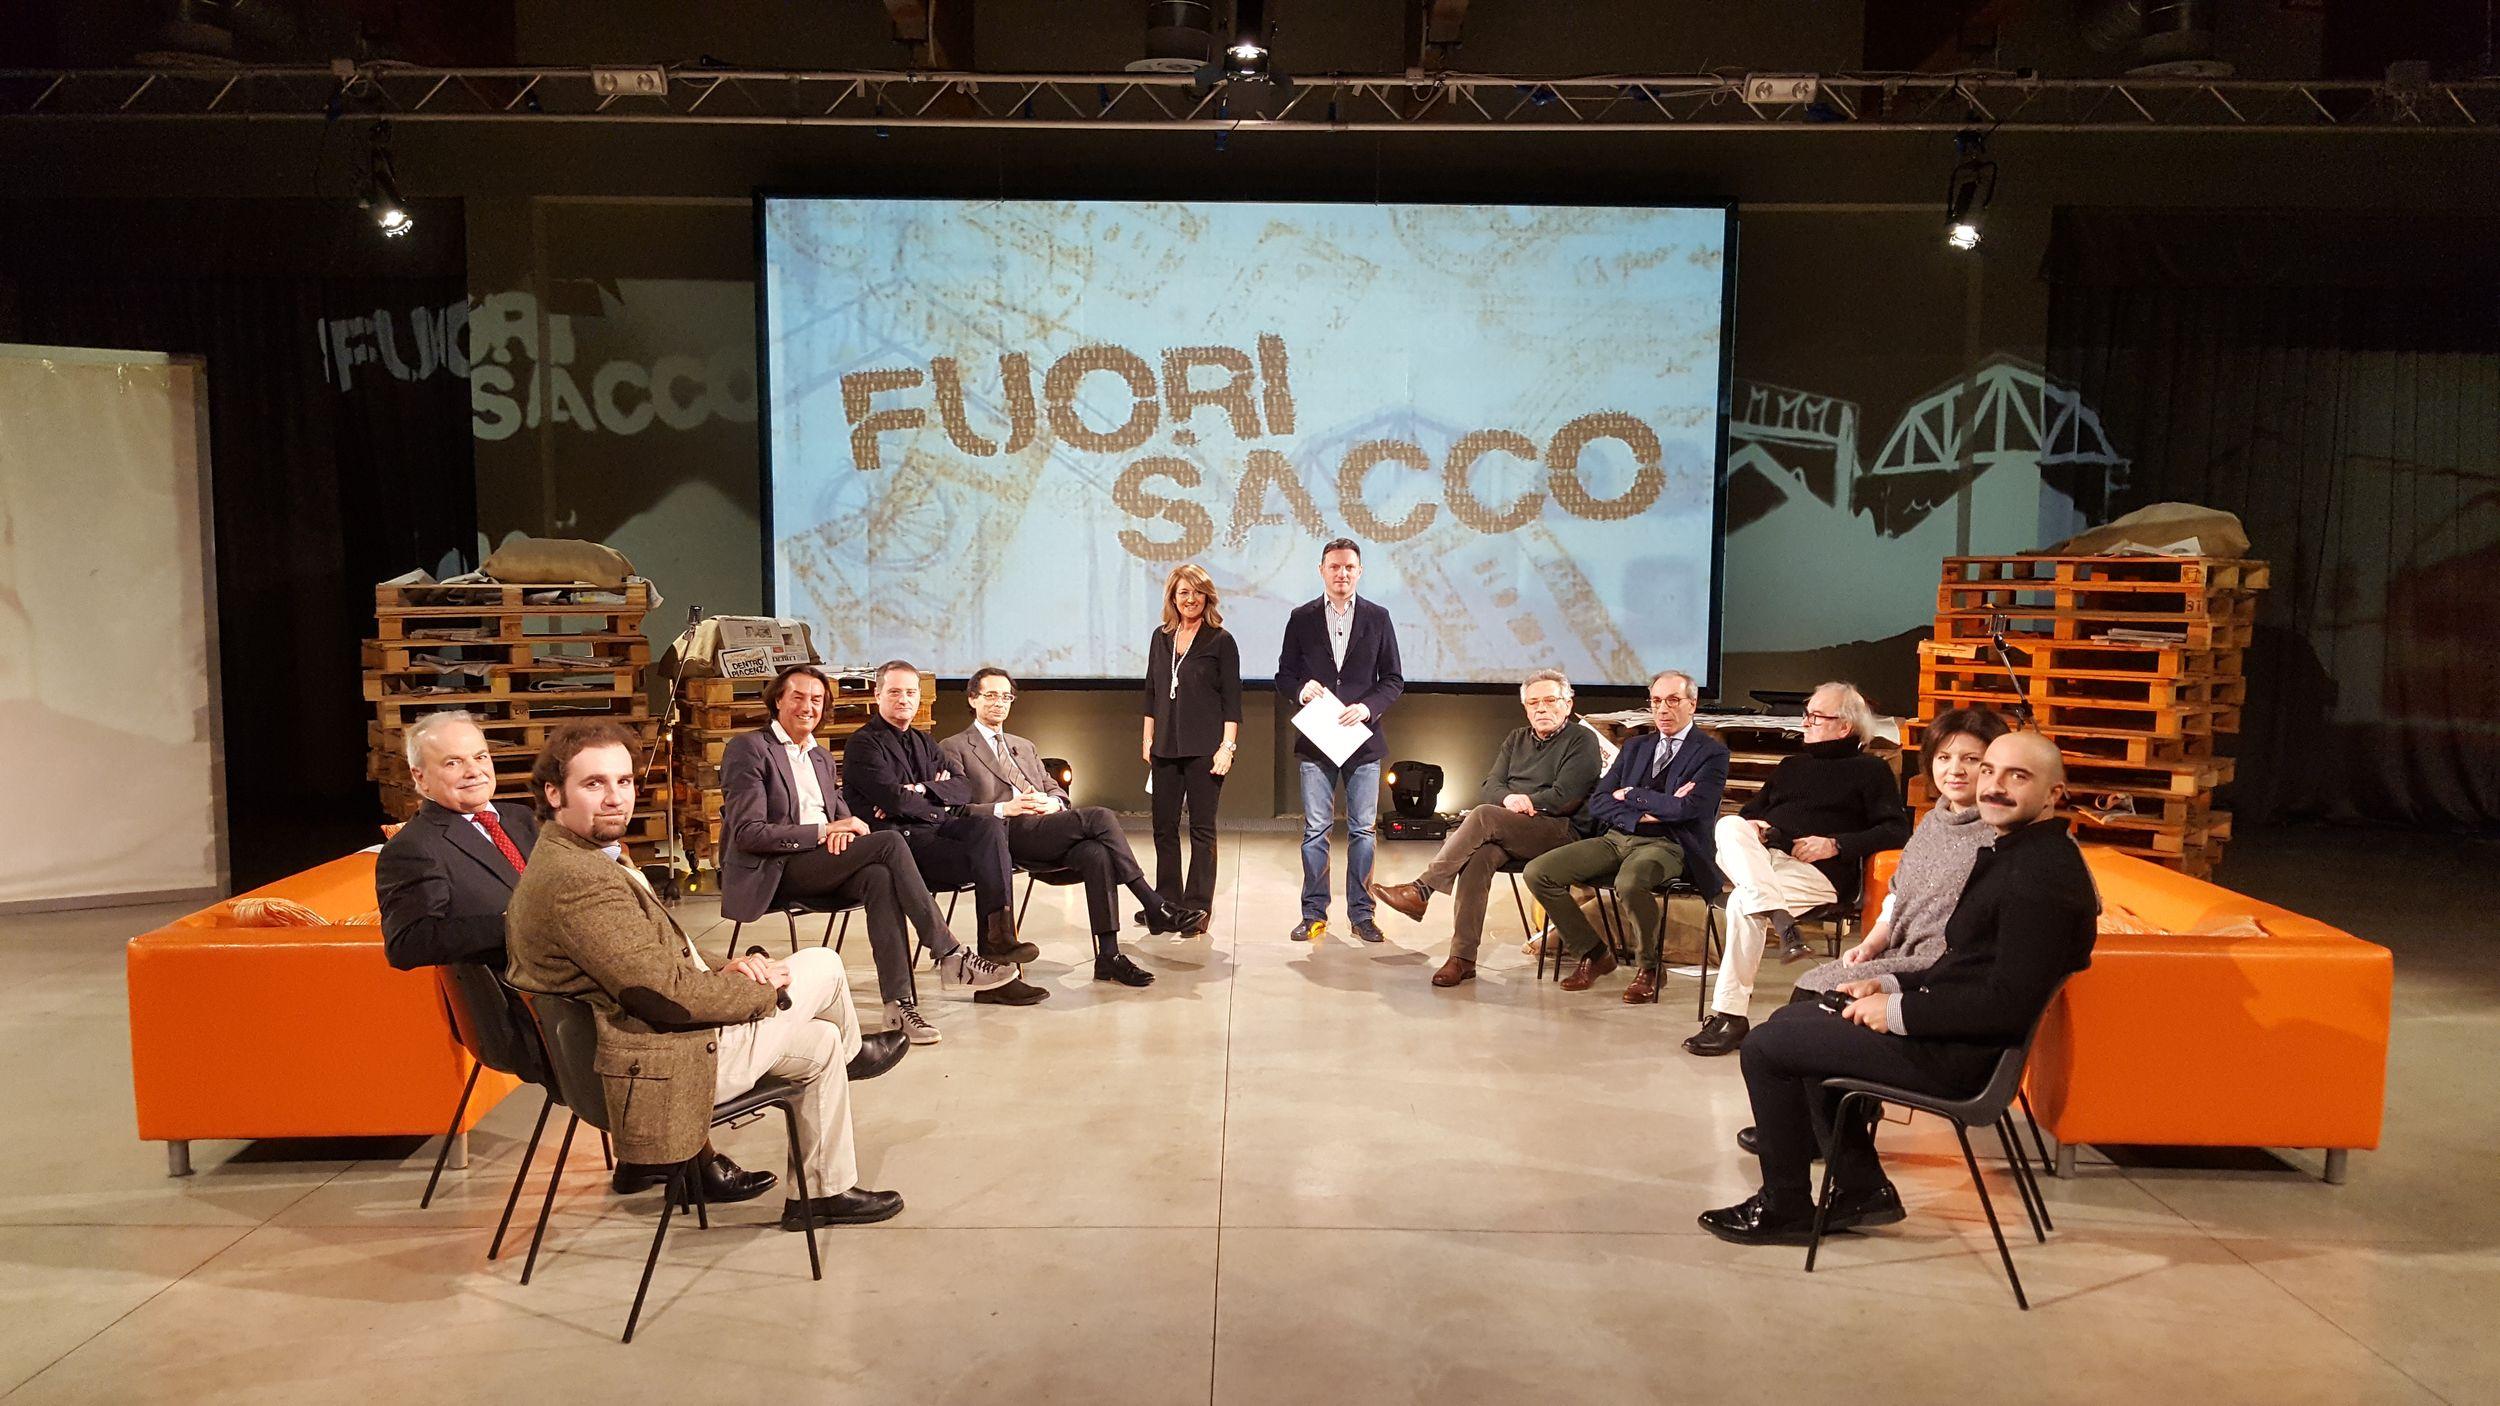 """Toscani a Fuori Sacco: """"Un progetto per i giovani contro la crisi culturale"""""""